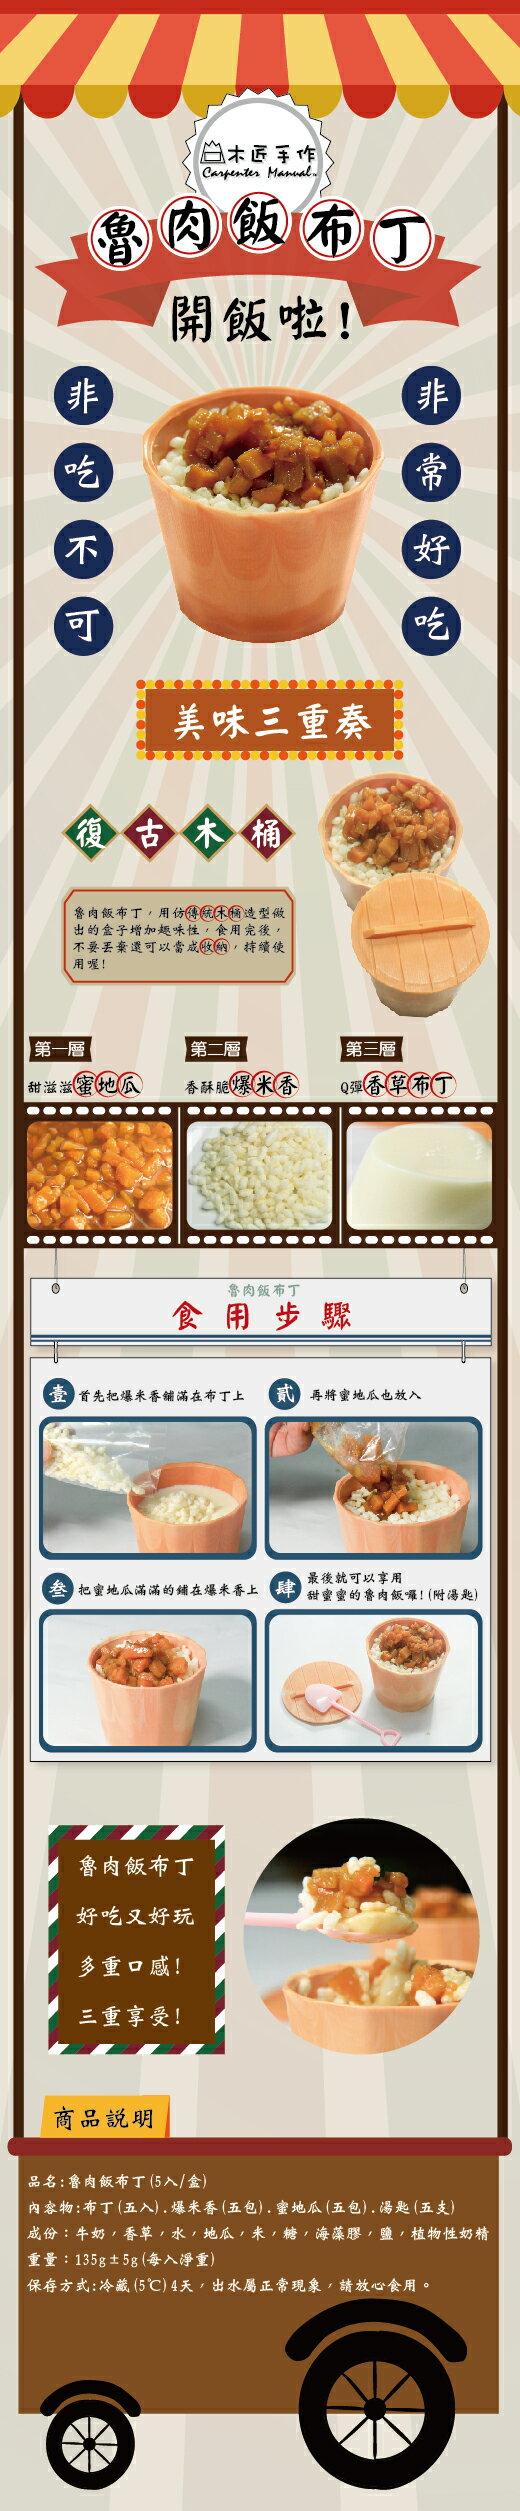 木匠手作★【團購】魯肉飯布丁10盒組 (5入 / 盒) 1